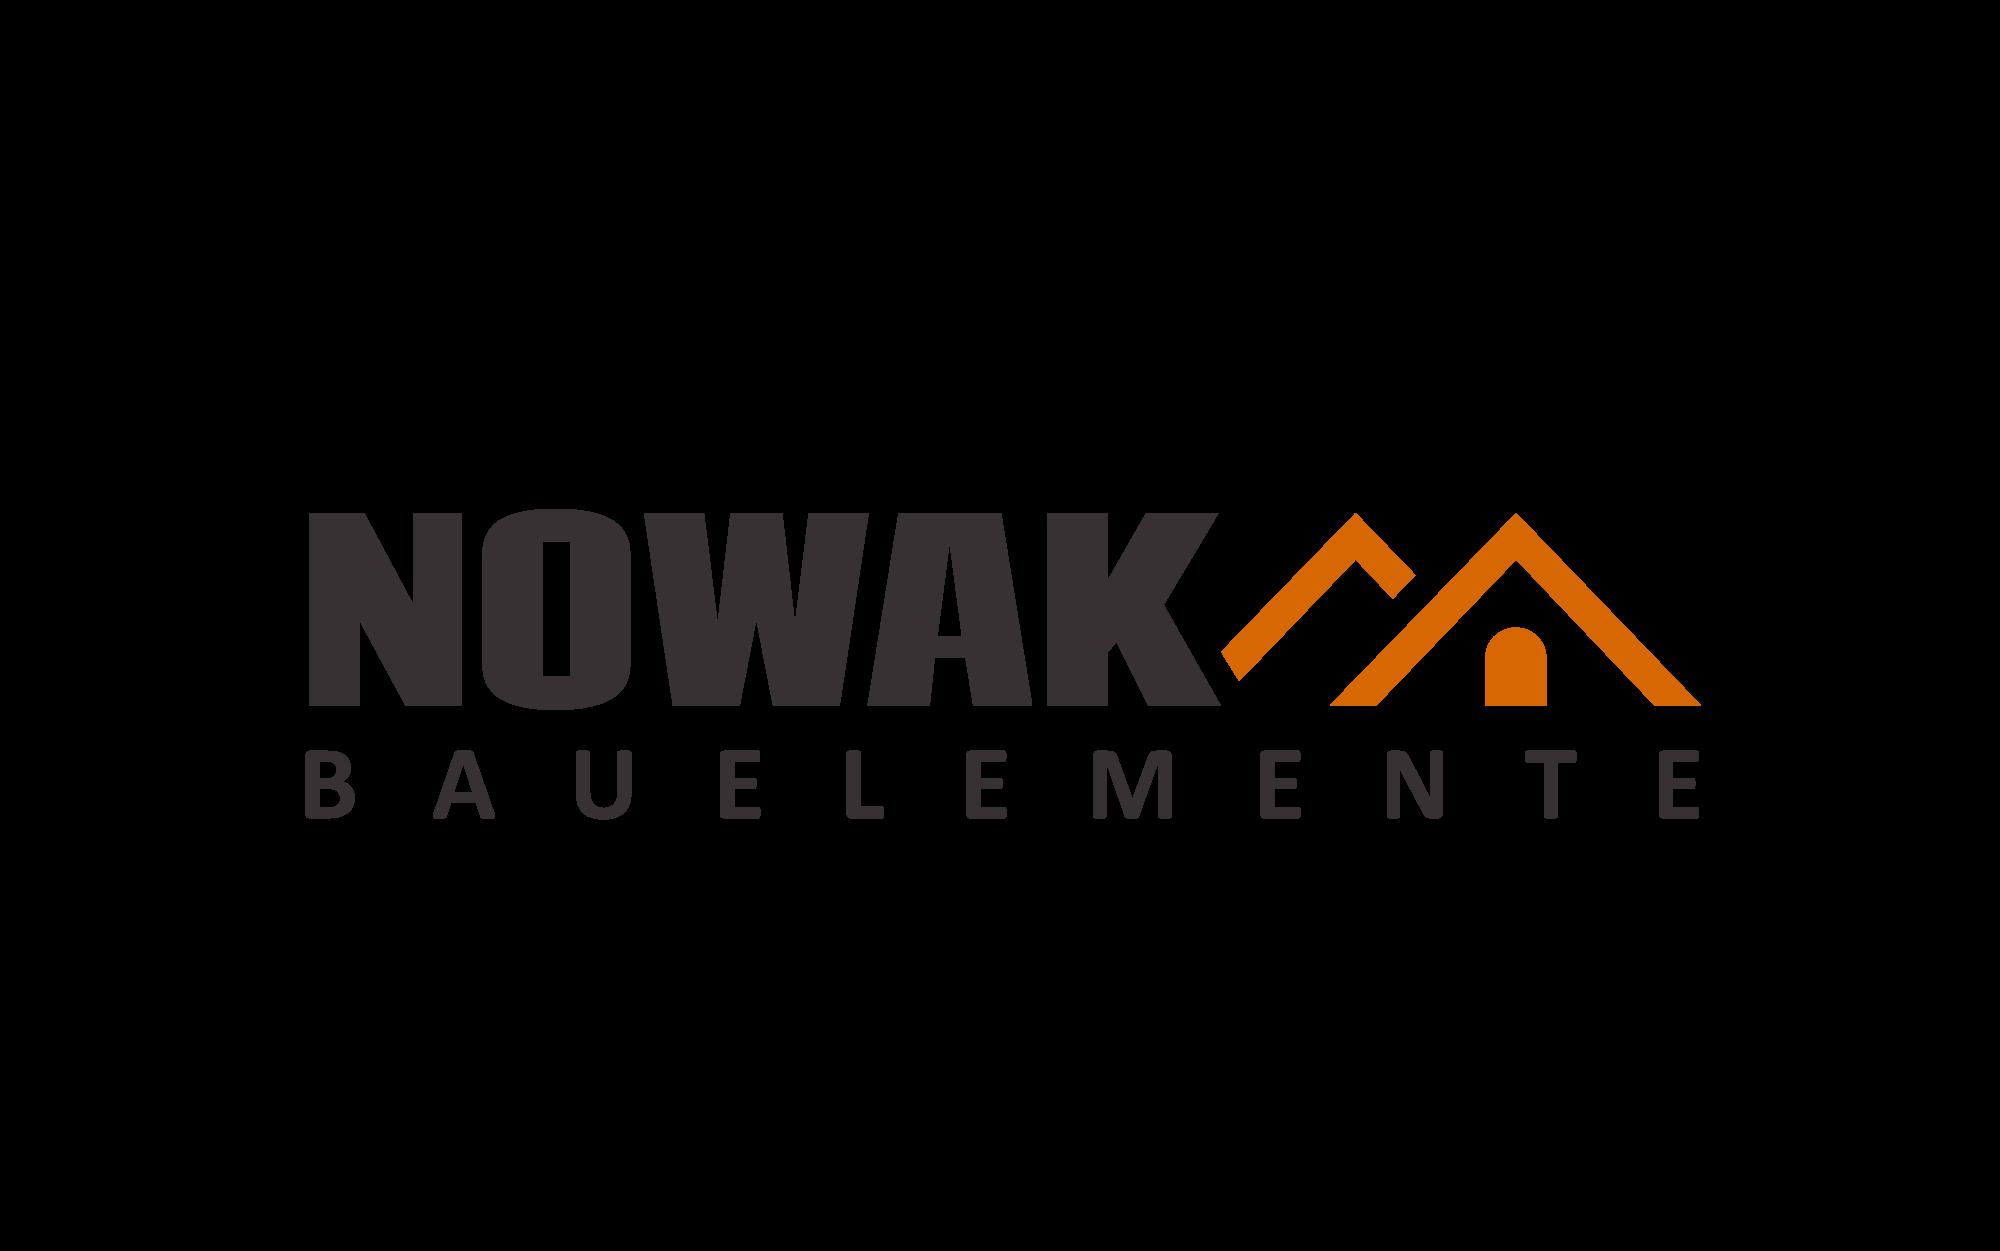 Bauelemente Nowak